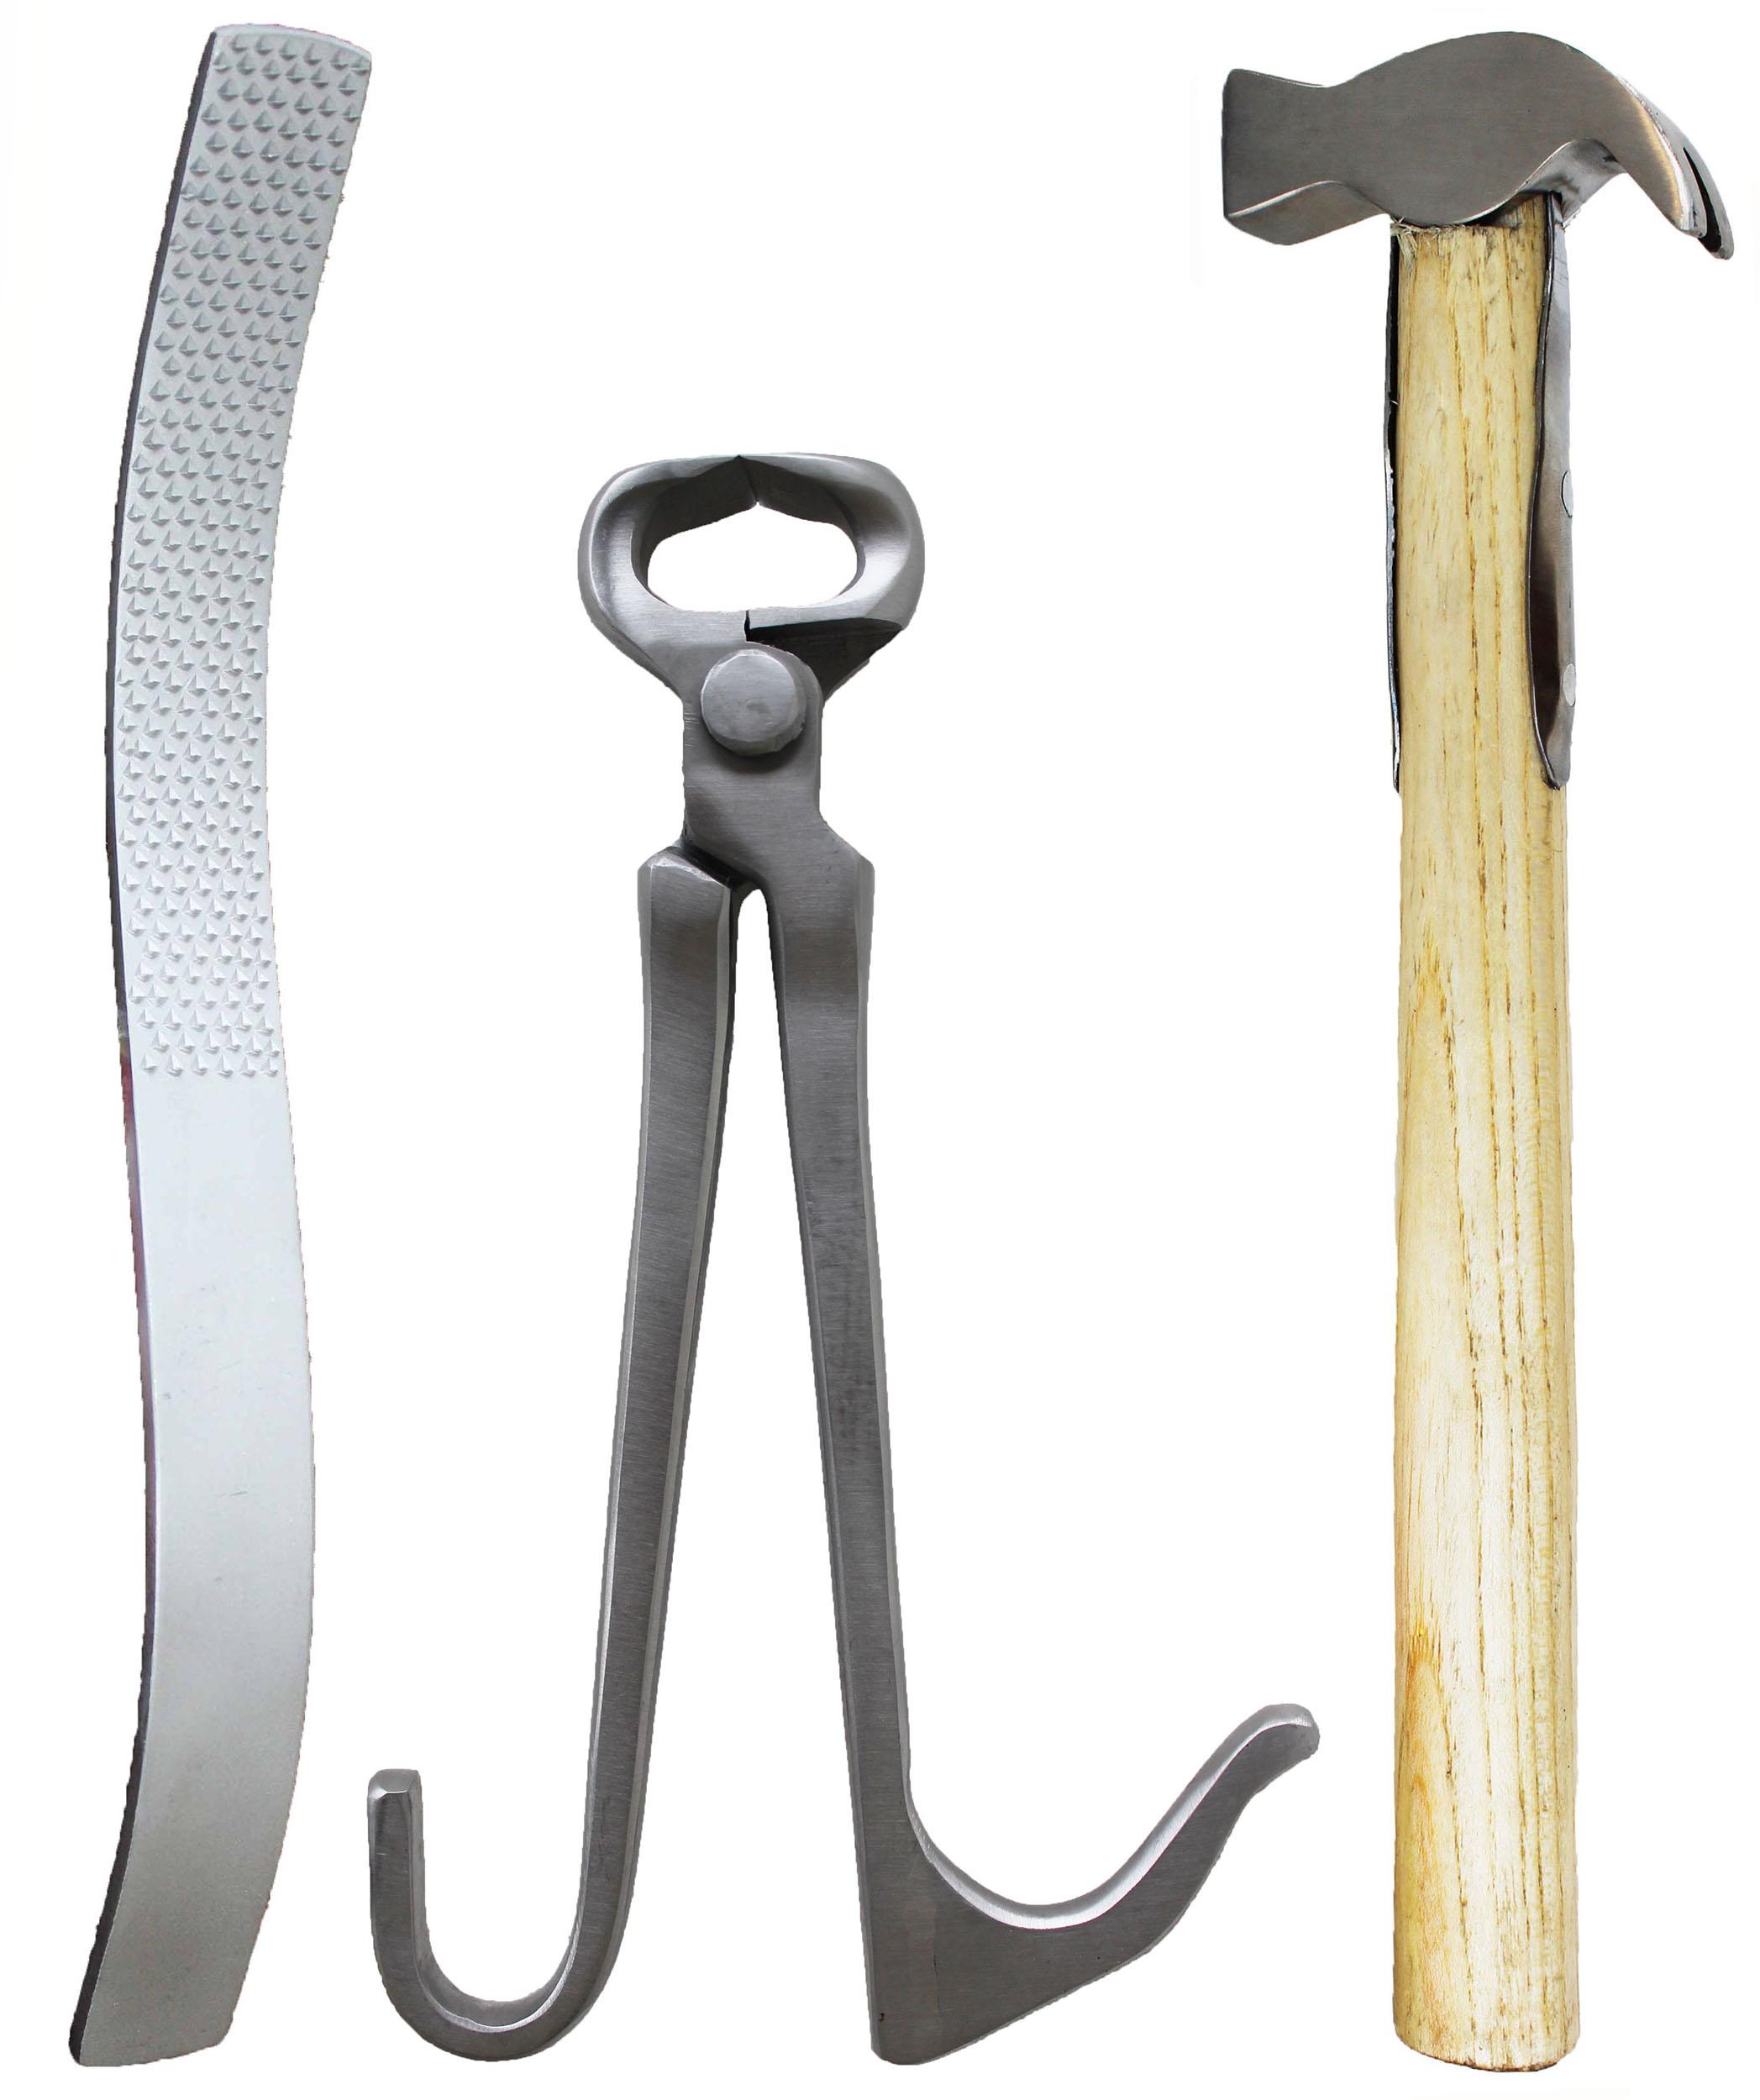 Caballo Herrero herramienta 3 piezas Kit de  cuidado de los cascos con Potro Pinza Martillo Escofina 984K02  Felices compras